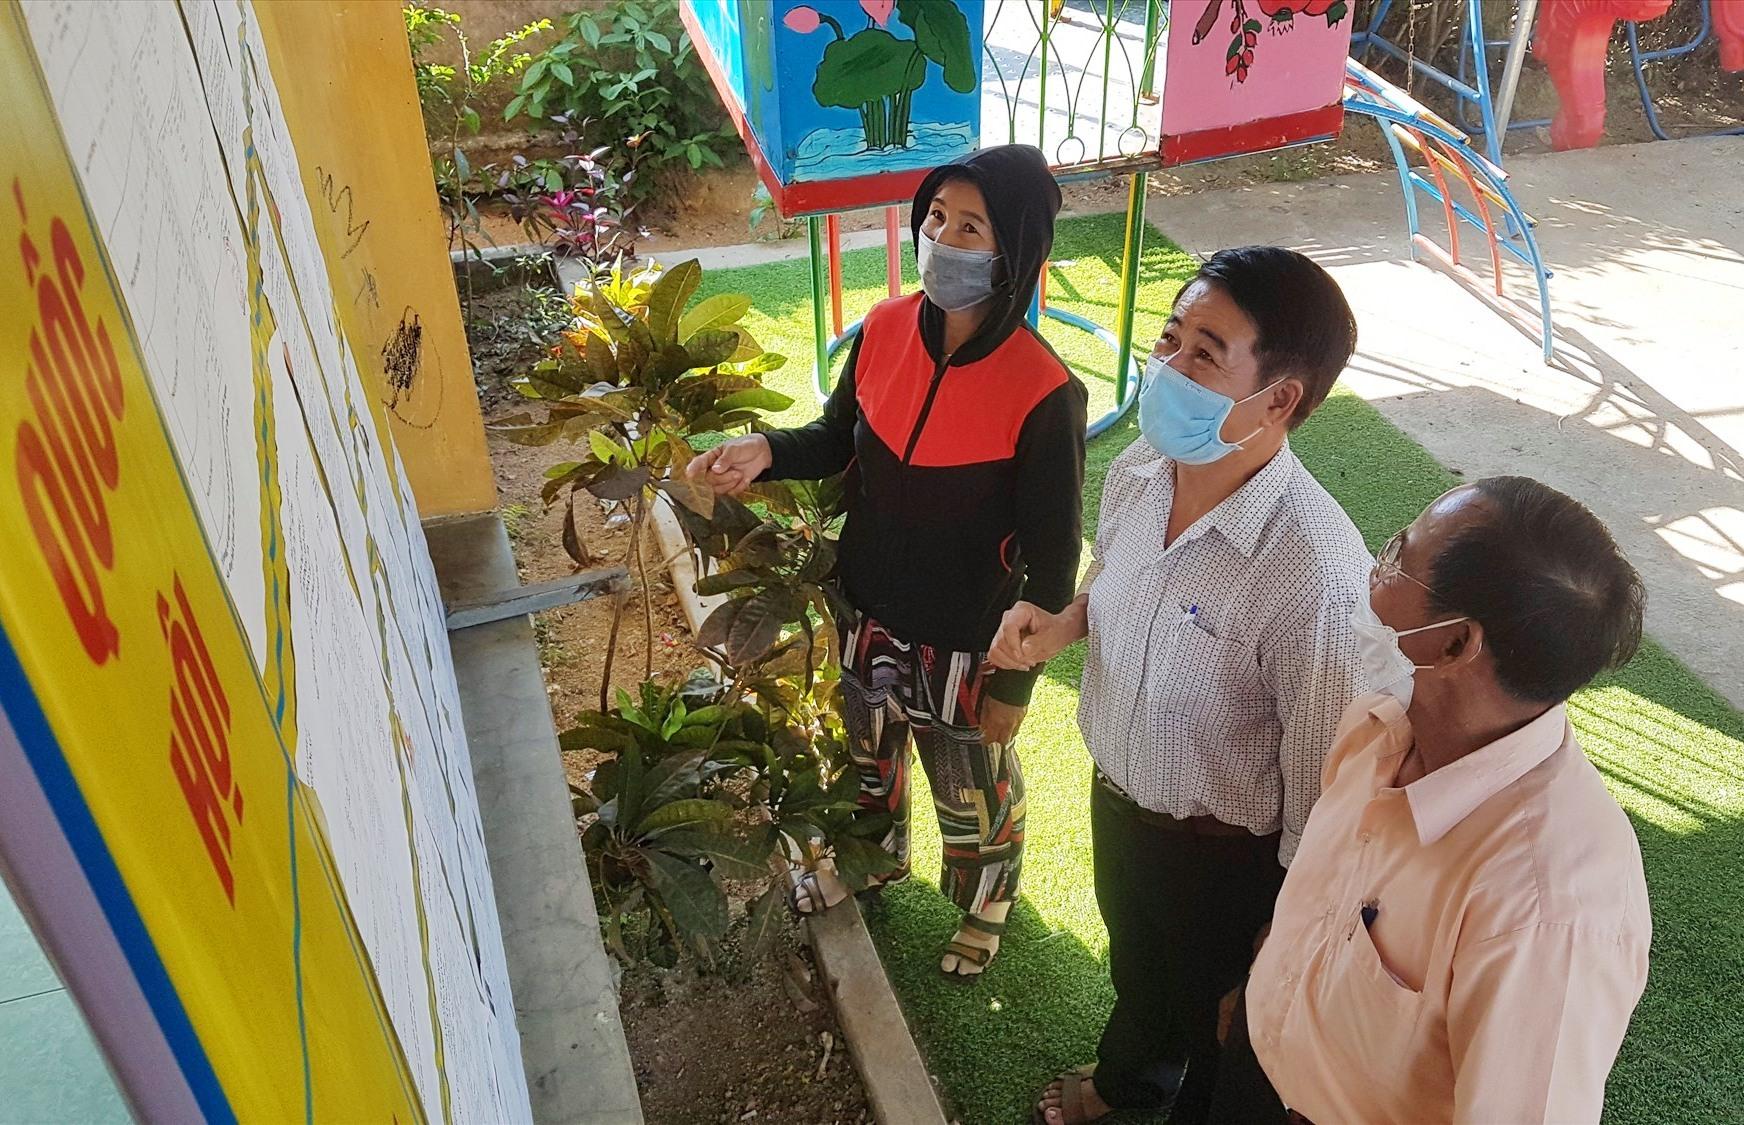 Cử tri đến tìm hiểu thông tin ứng cử viên tại một điểm bỏ phiếu bầu cử ở Tiên Phước. Ảnh: D.L